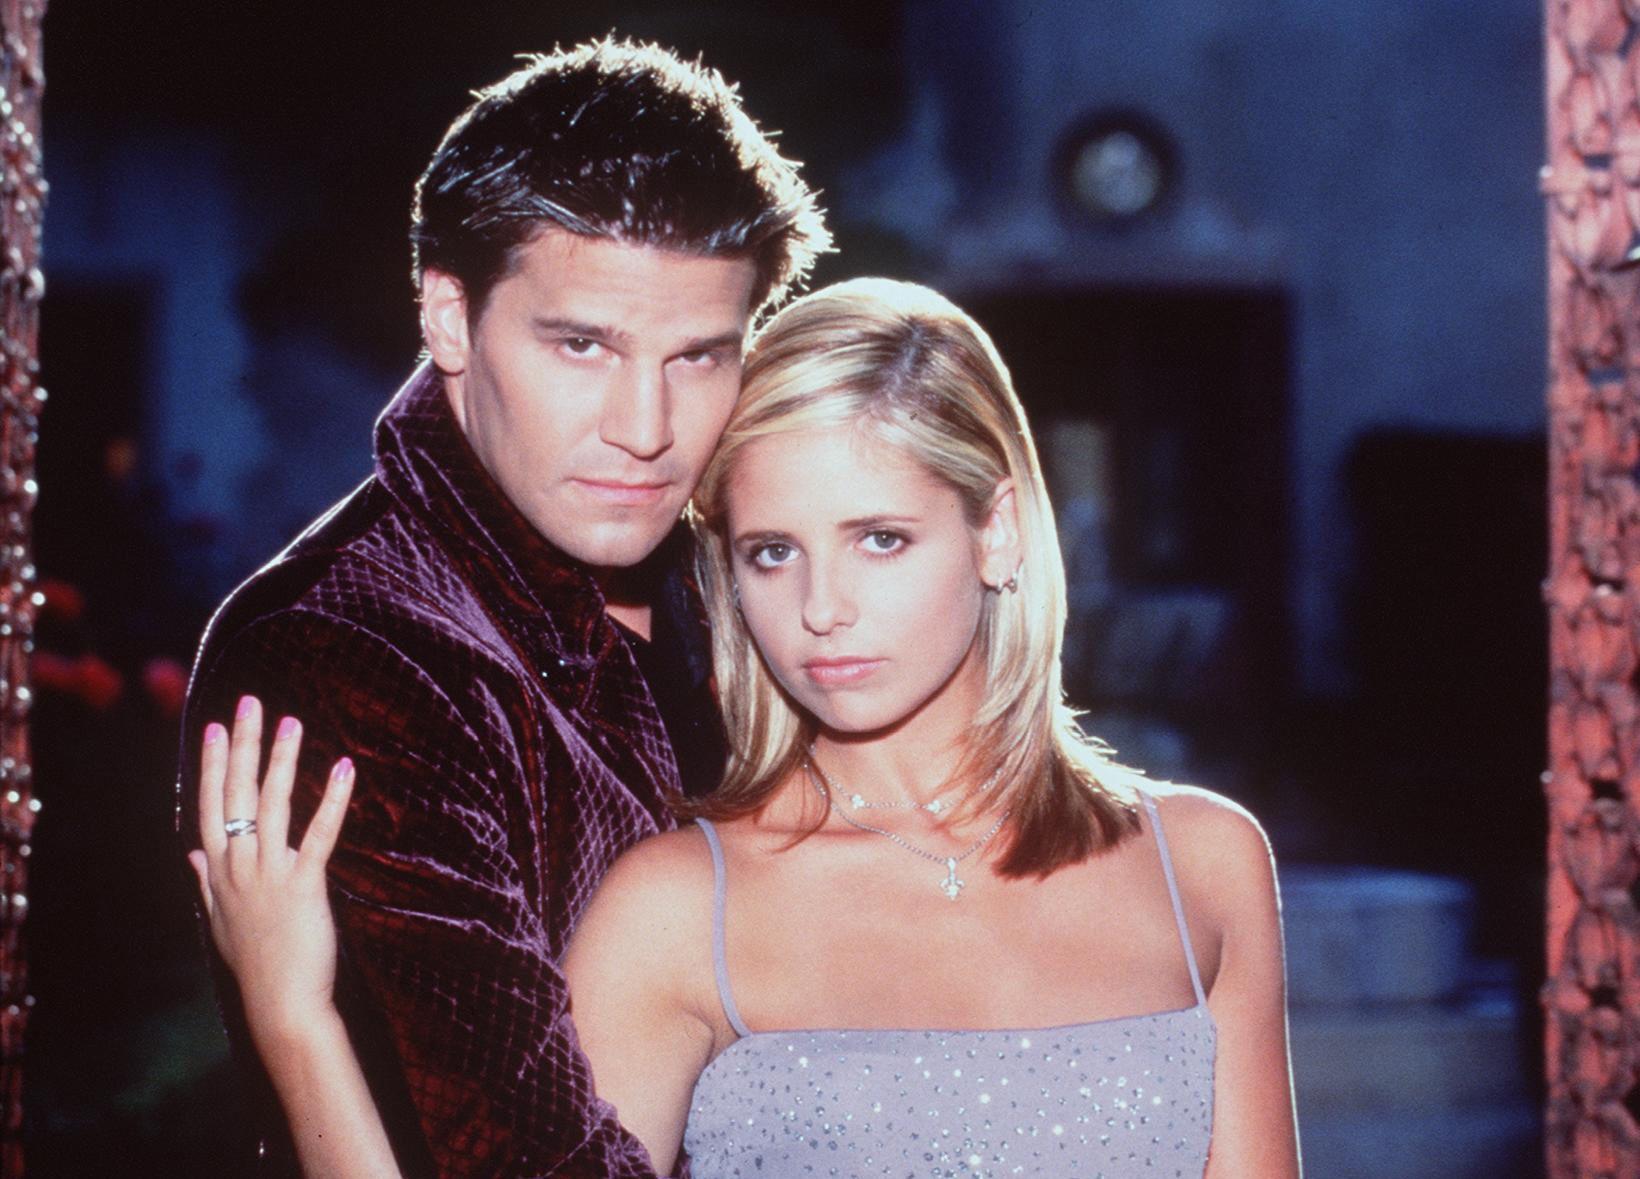 TILBAKE: Buffy Summers (opprinnelig spilt av Sarah Michelle Gellar) er en ung jente som får et kall til å bekjempe ondskap. Hun forelsker seg i vampyren Angel (David Boreanaz). Nå kommer serien tilbake, med nye skuespillere.